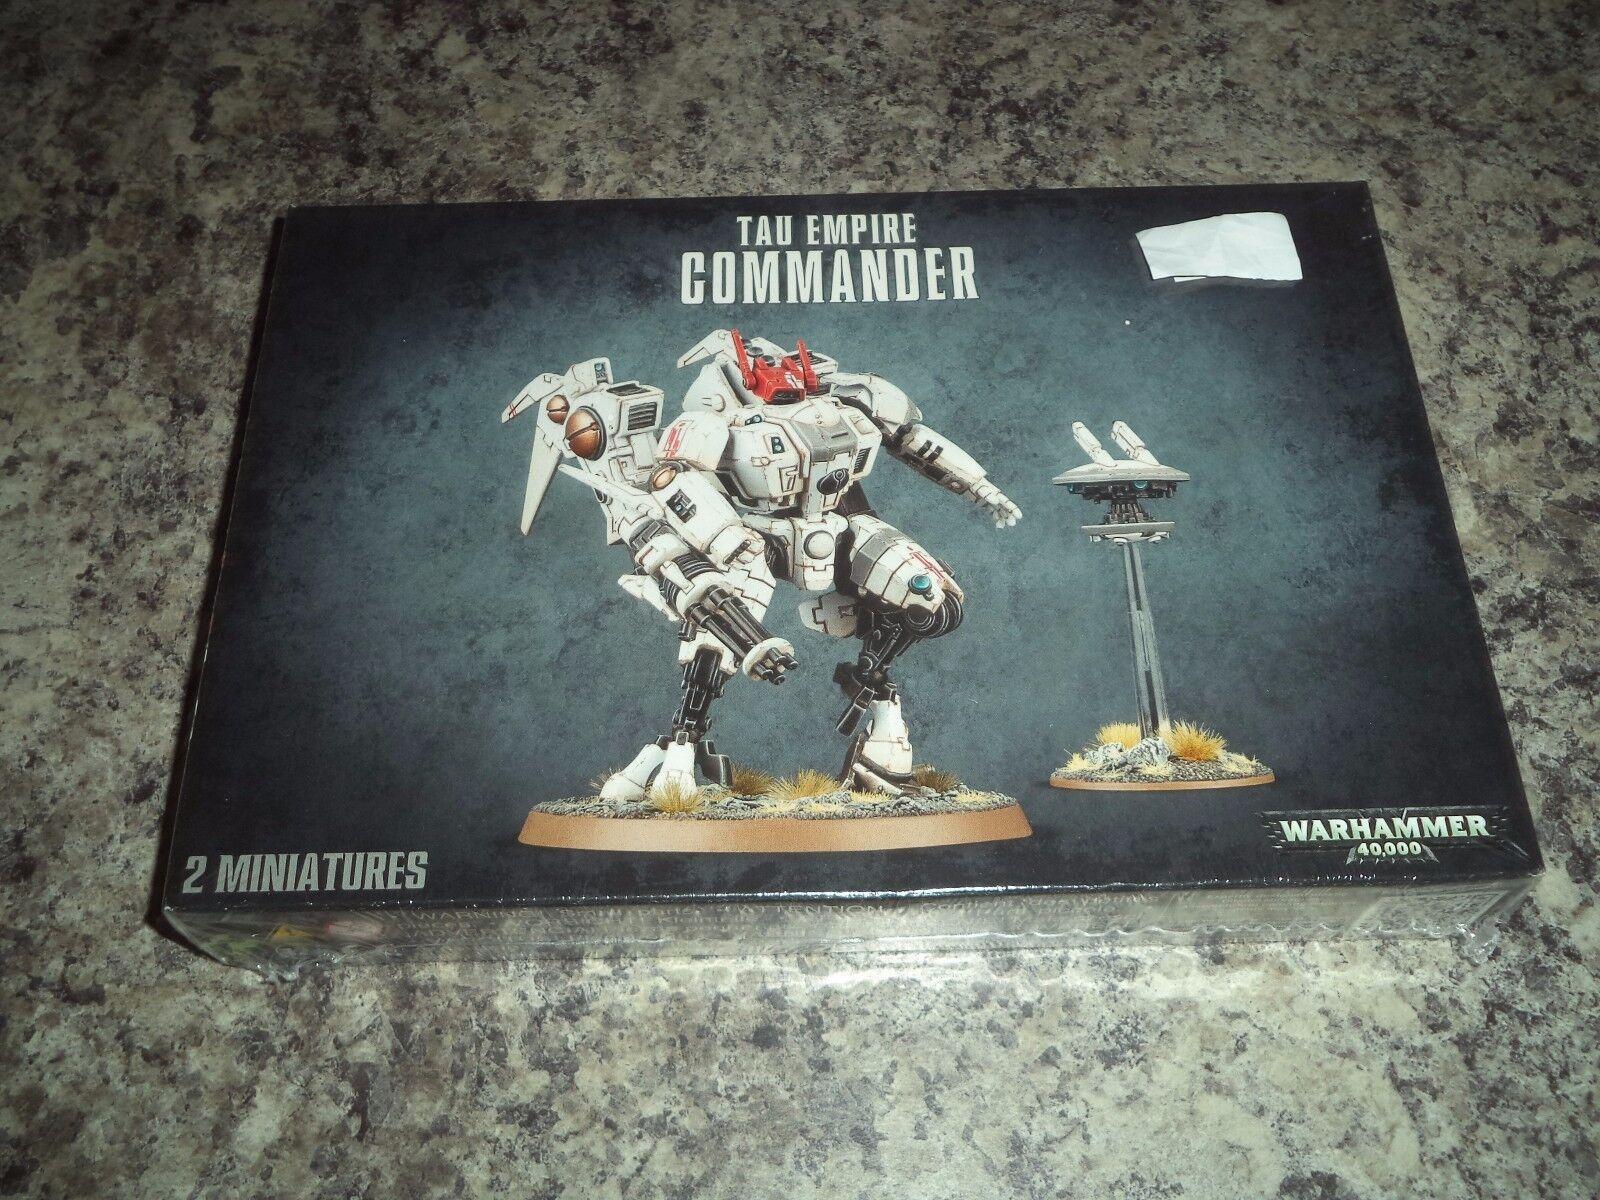 Tau Empire Commander - Warhammer 40k 40,000 Games Workshop Model New